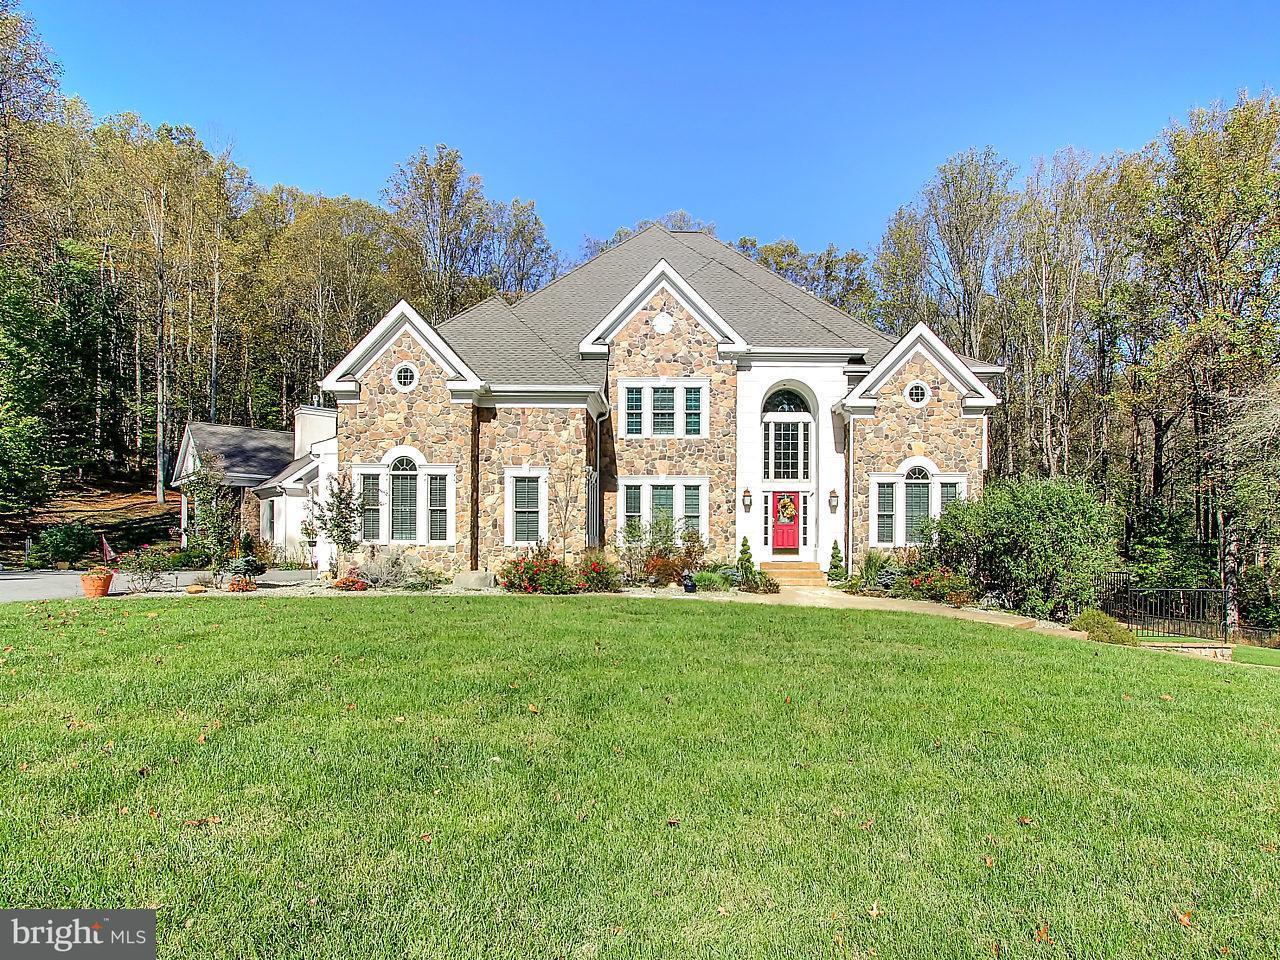 Частный односемейный дом для того Продажа на 11130 OLD CARRIAGE Road 11130 OLD CARRIAGE Road Glen Arm, Мэриленд 21057 Соединенные Штаты